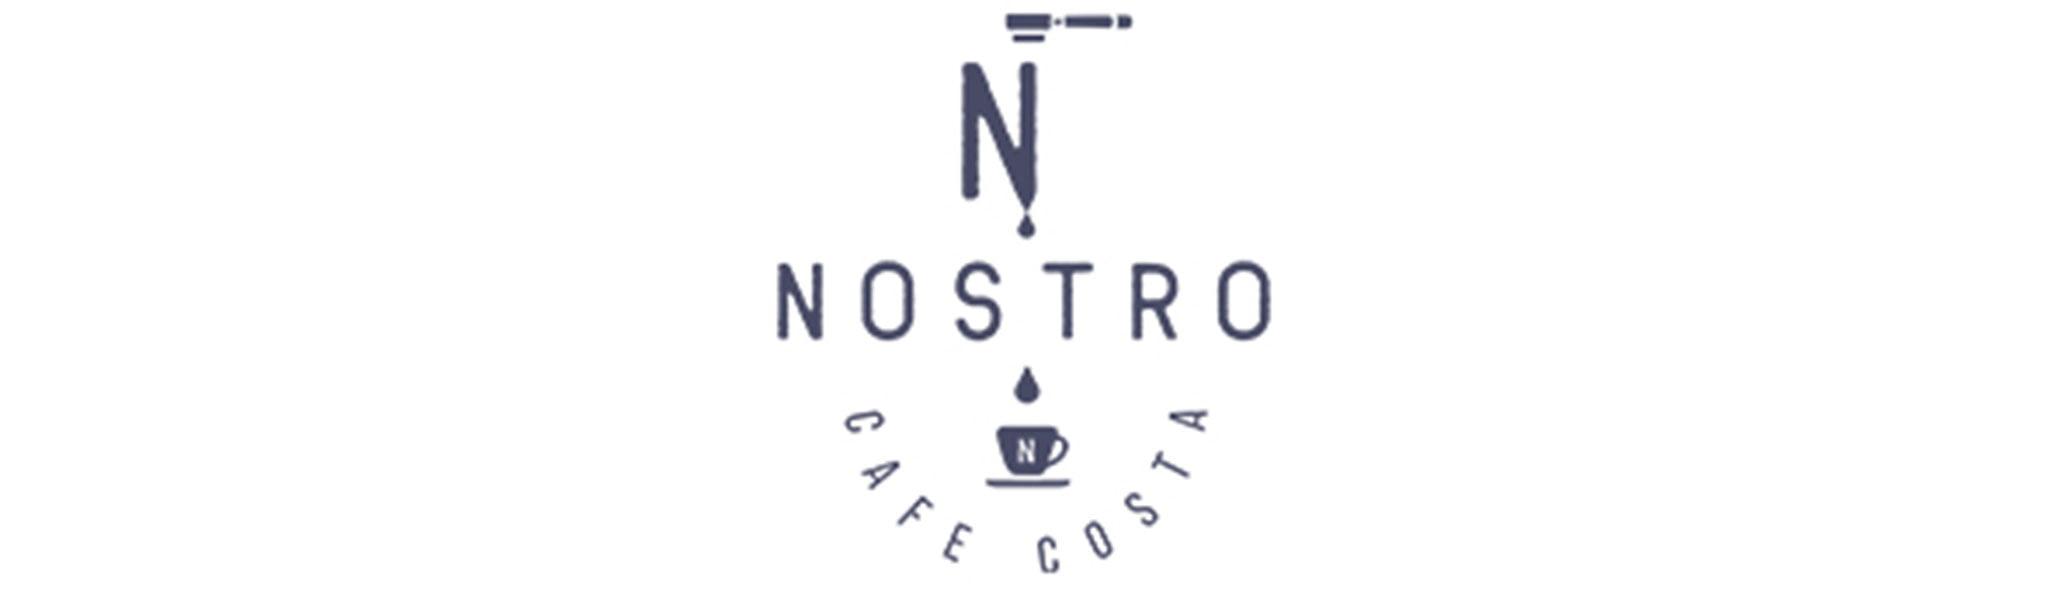 Logotipo Nostro Café Costa